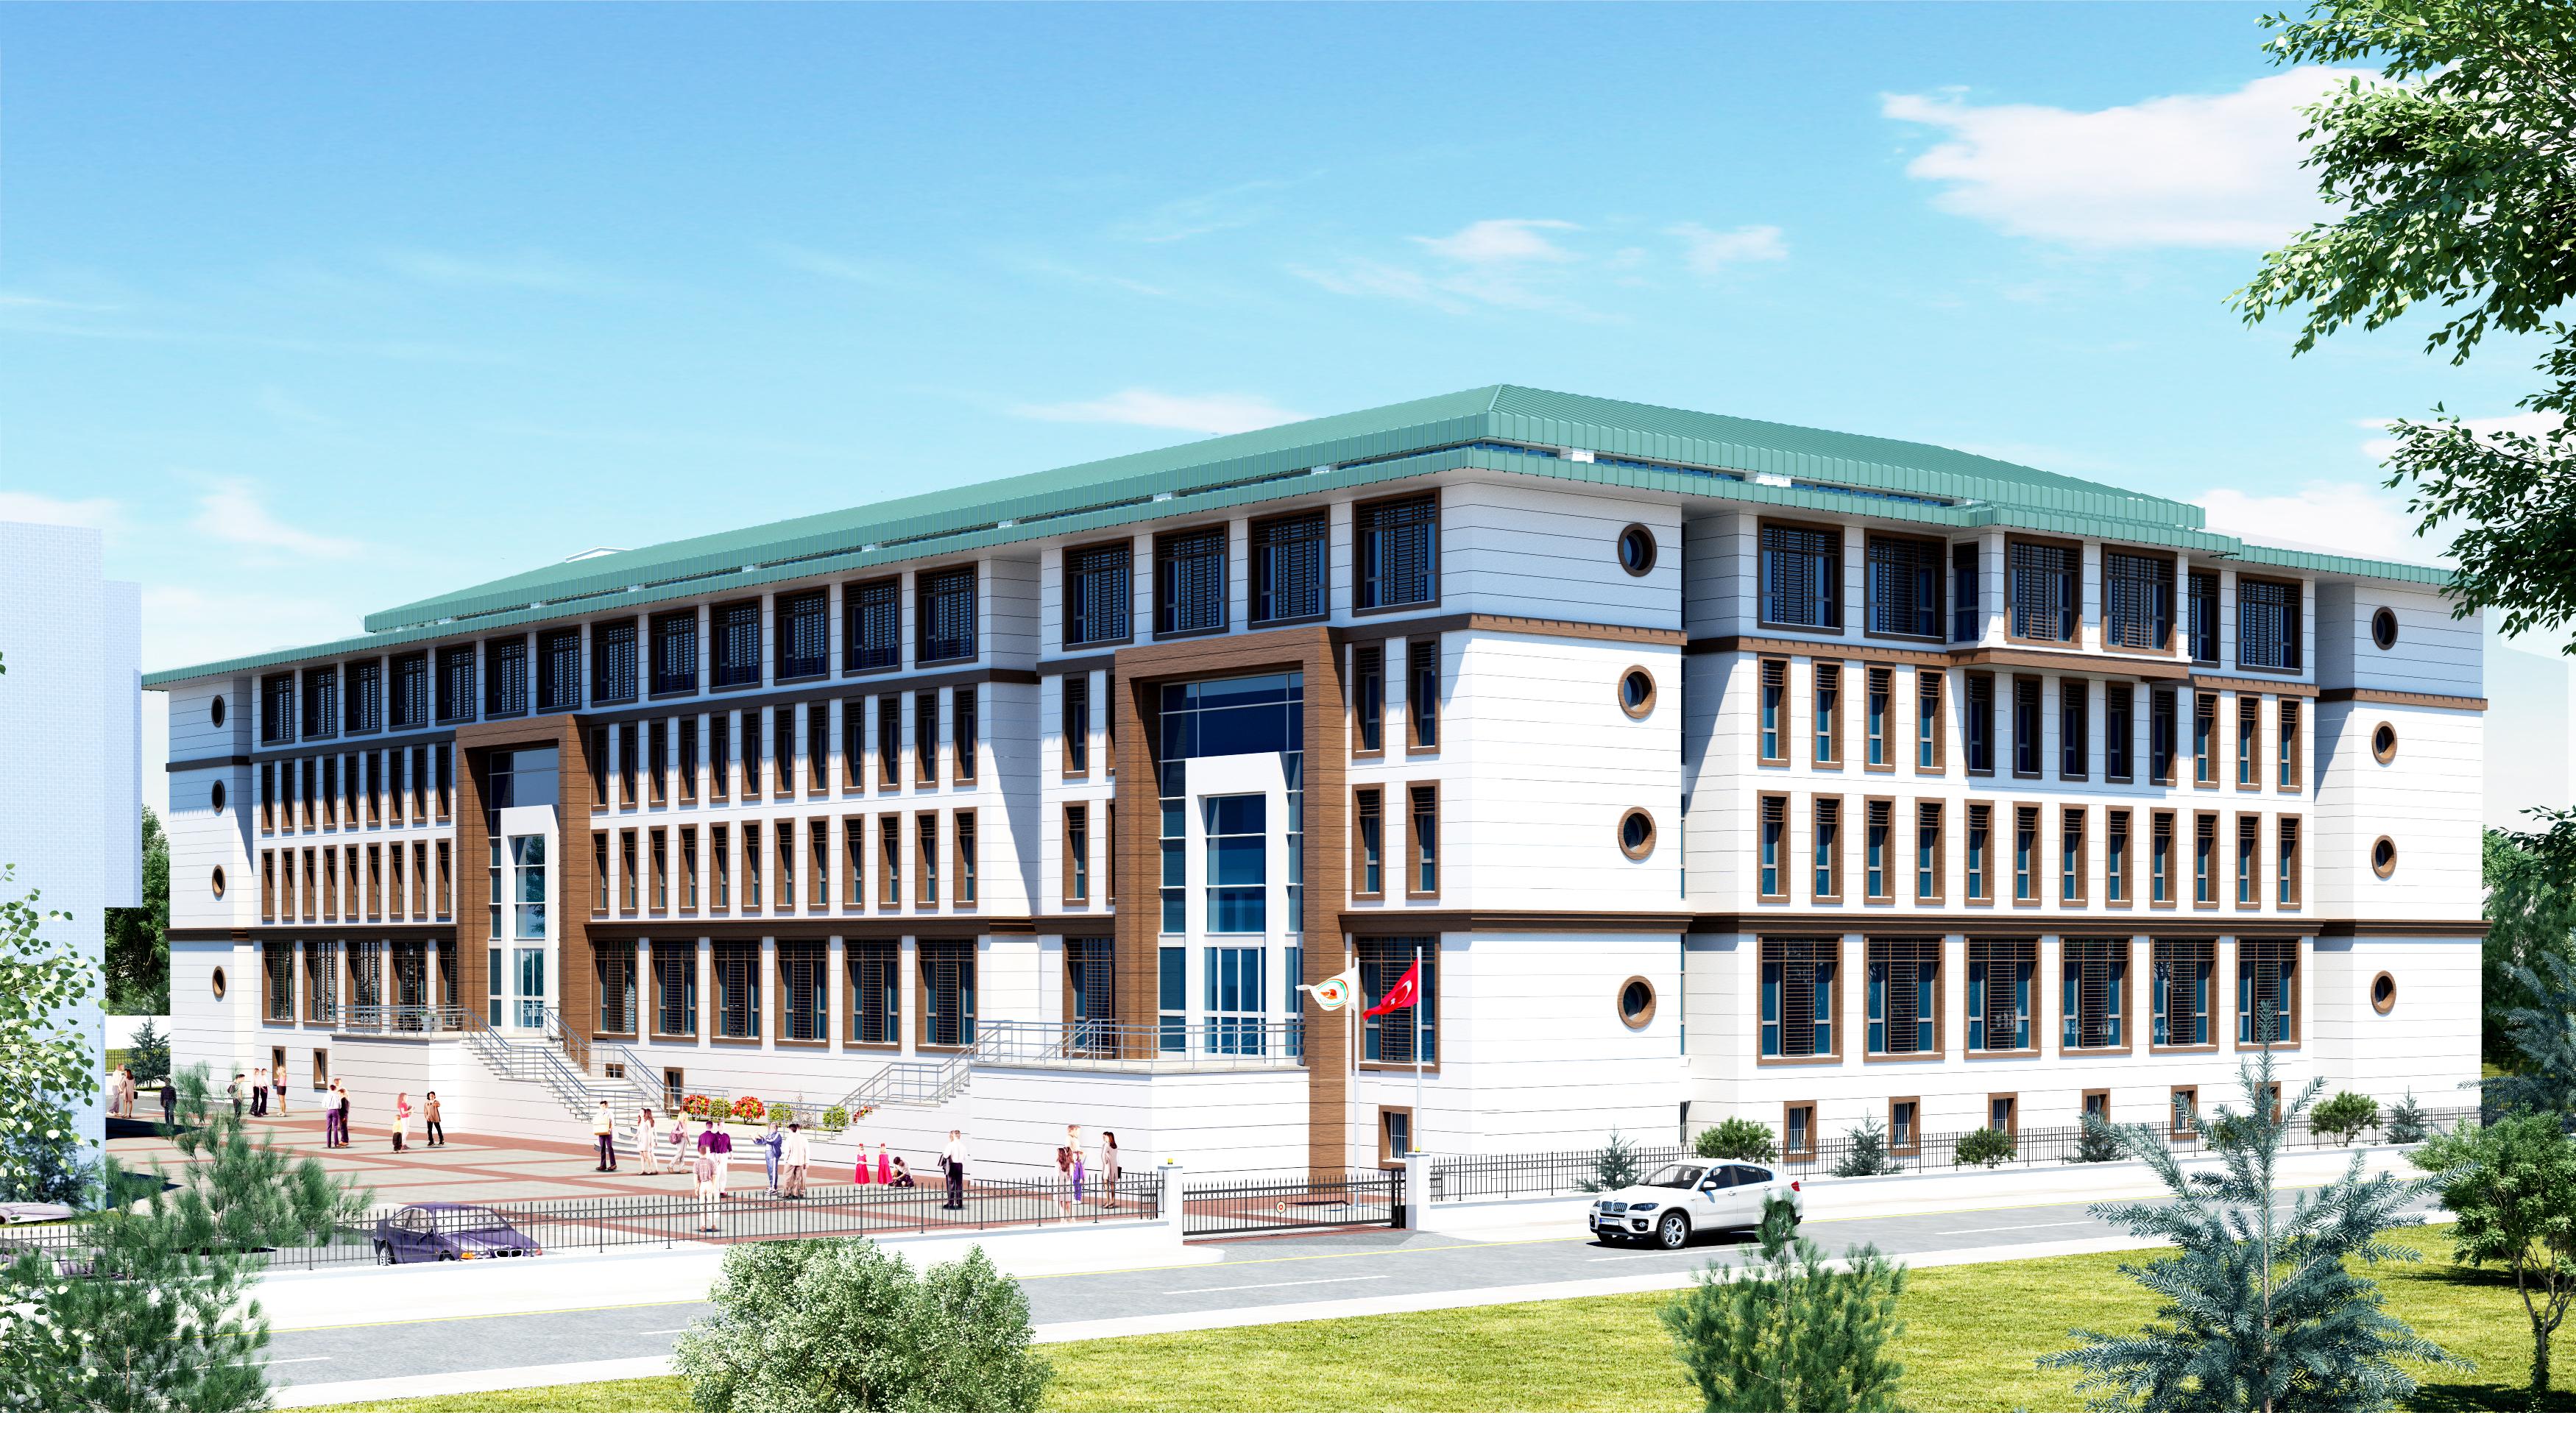 prestij projeler projesi a h mimarlik limited sirketi tarafindan hazirlanan yalova ek adalet binasi yapim isi ihale sonucu ve mahal listelerini yayinladik